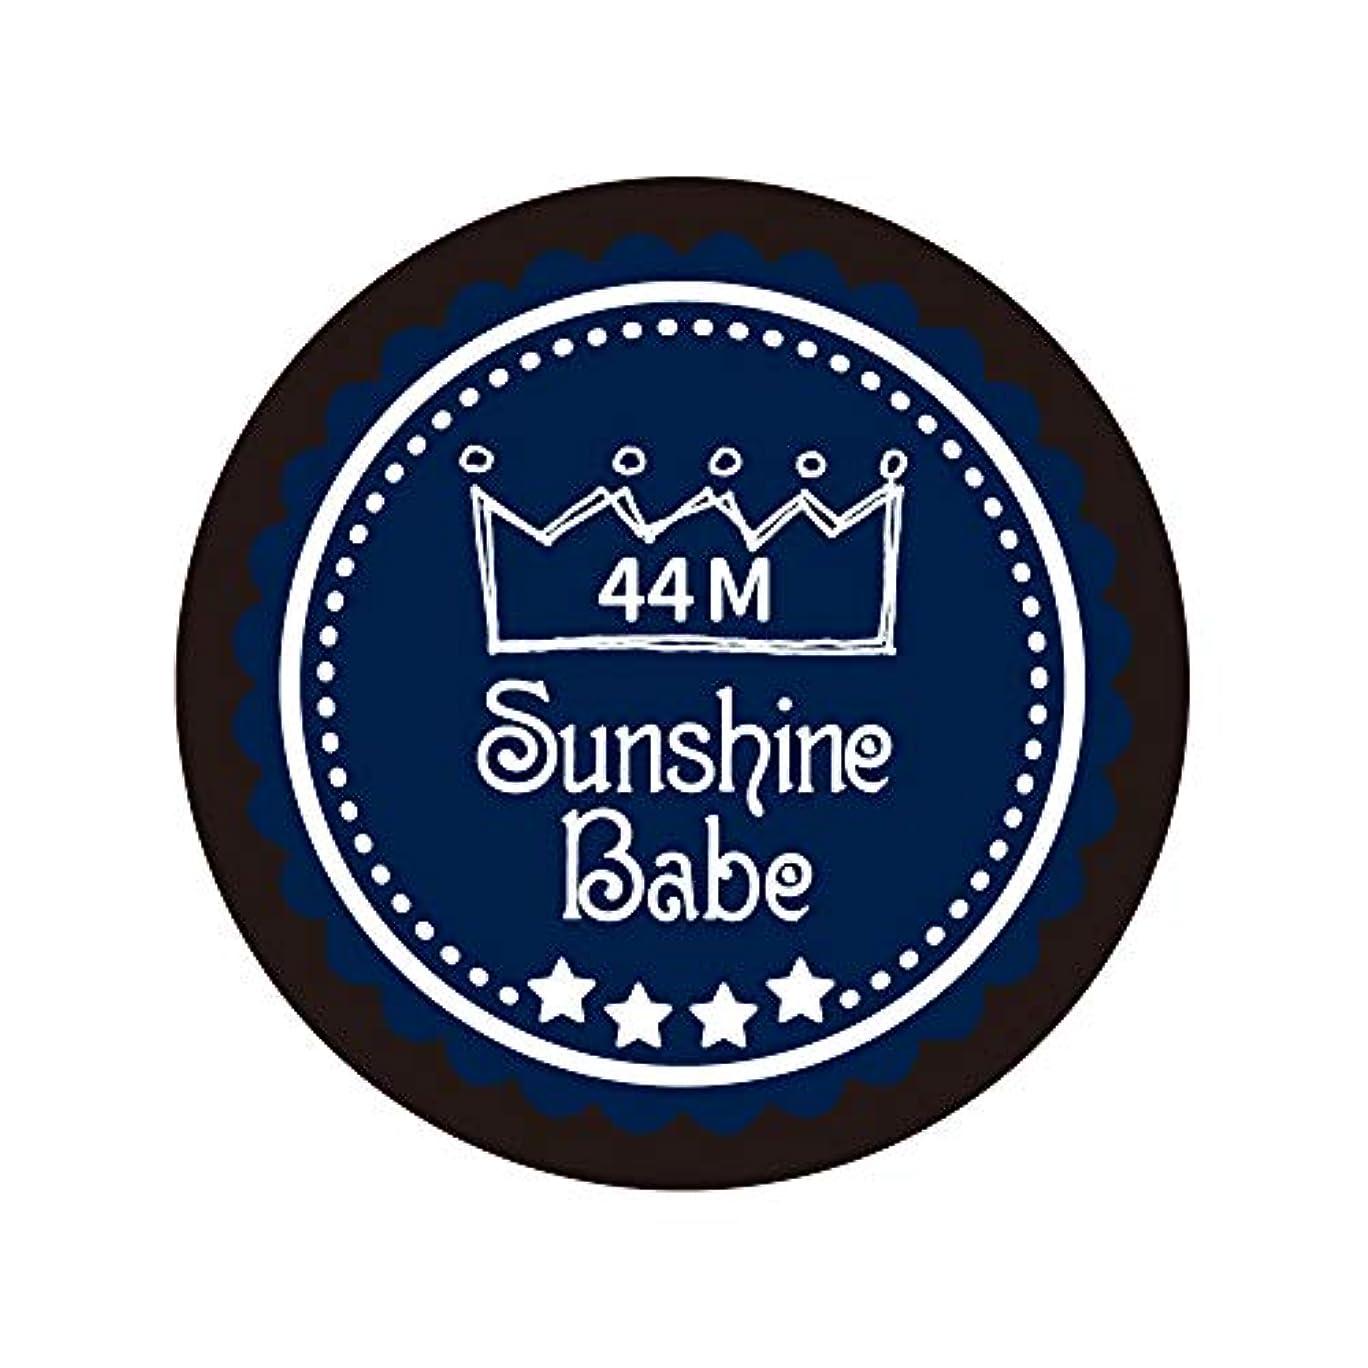 同盟リールアダルトSunshine Babe カラージェル 44M クラシックネイビー 2.7g UV/LED対応